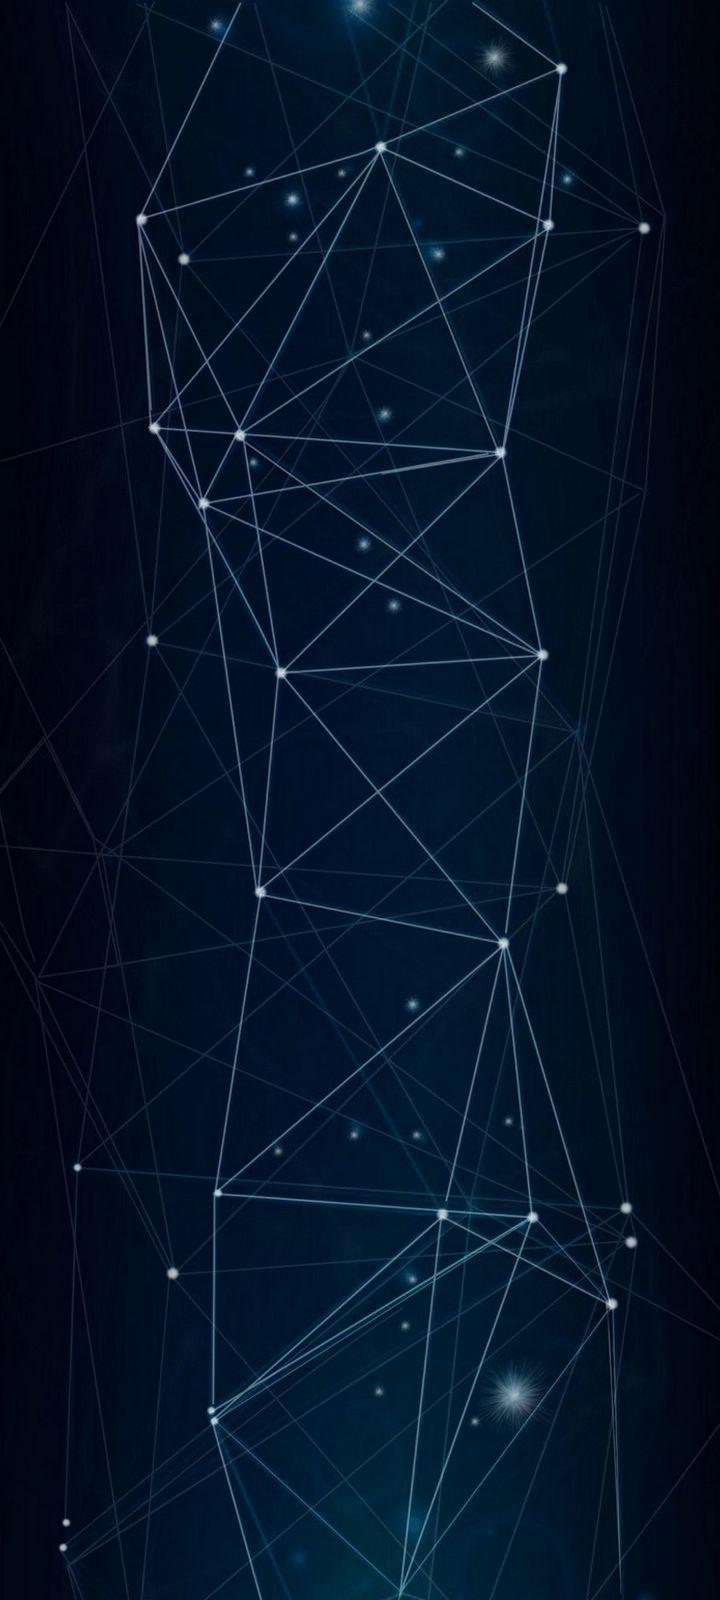 Dark Network Connection Wallpaper 720x1600